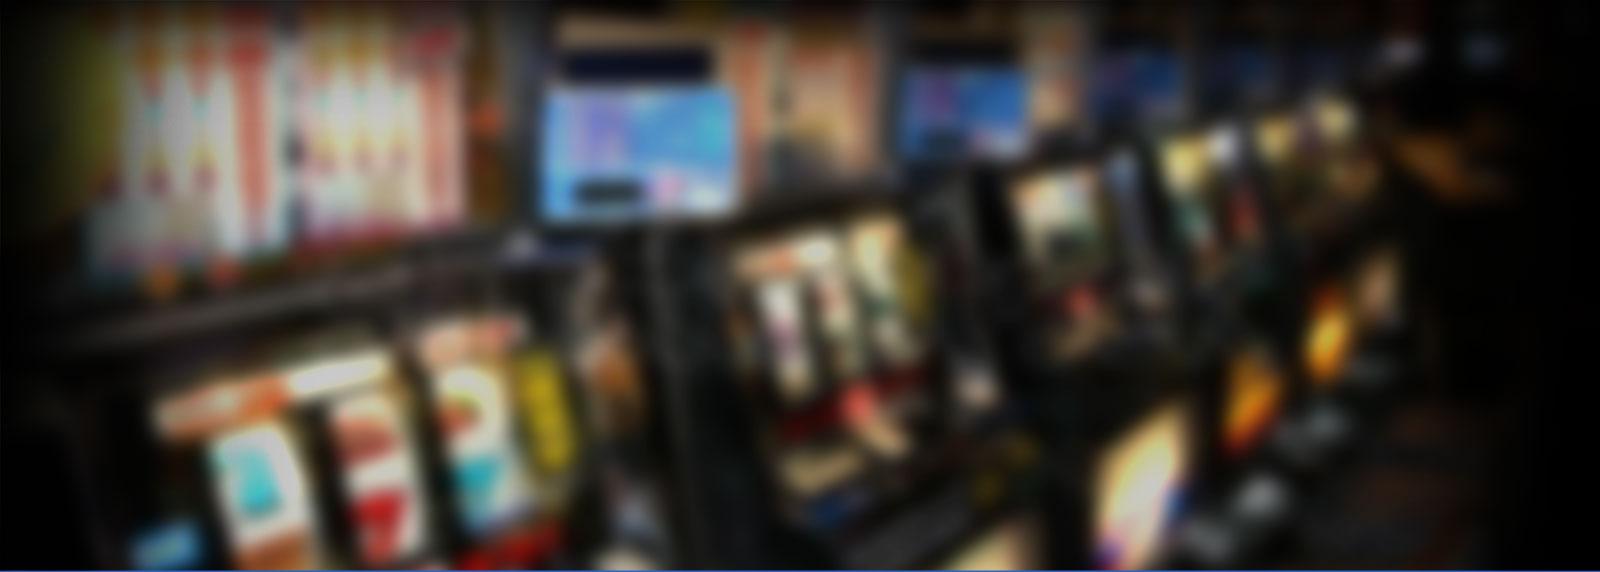 imagesCasino-en-ligne-bonus-35.jpg